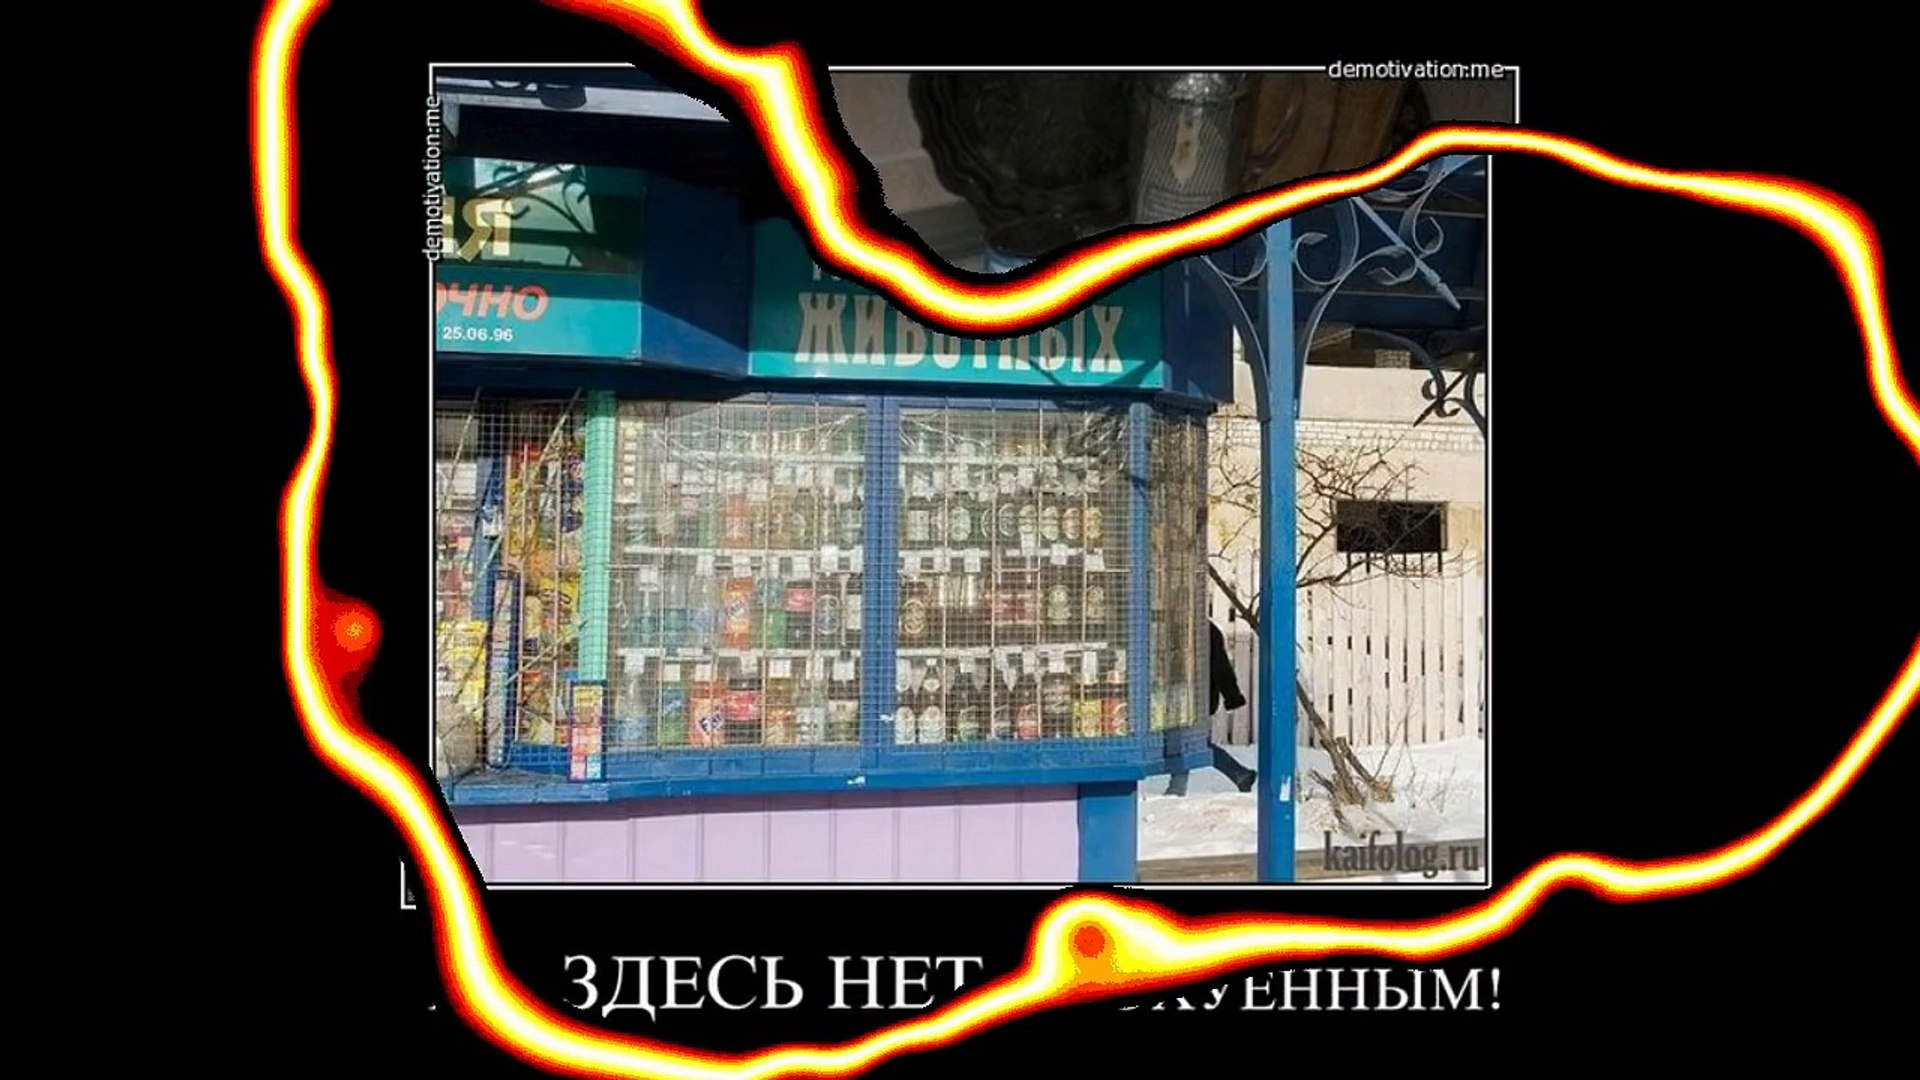 Чисто русские демотиваторы про быт и жизнь россиян.